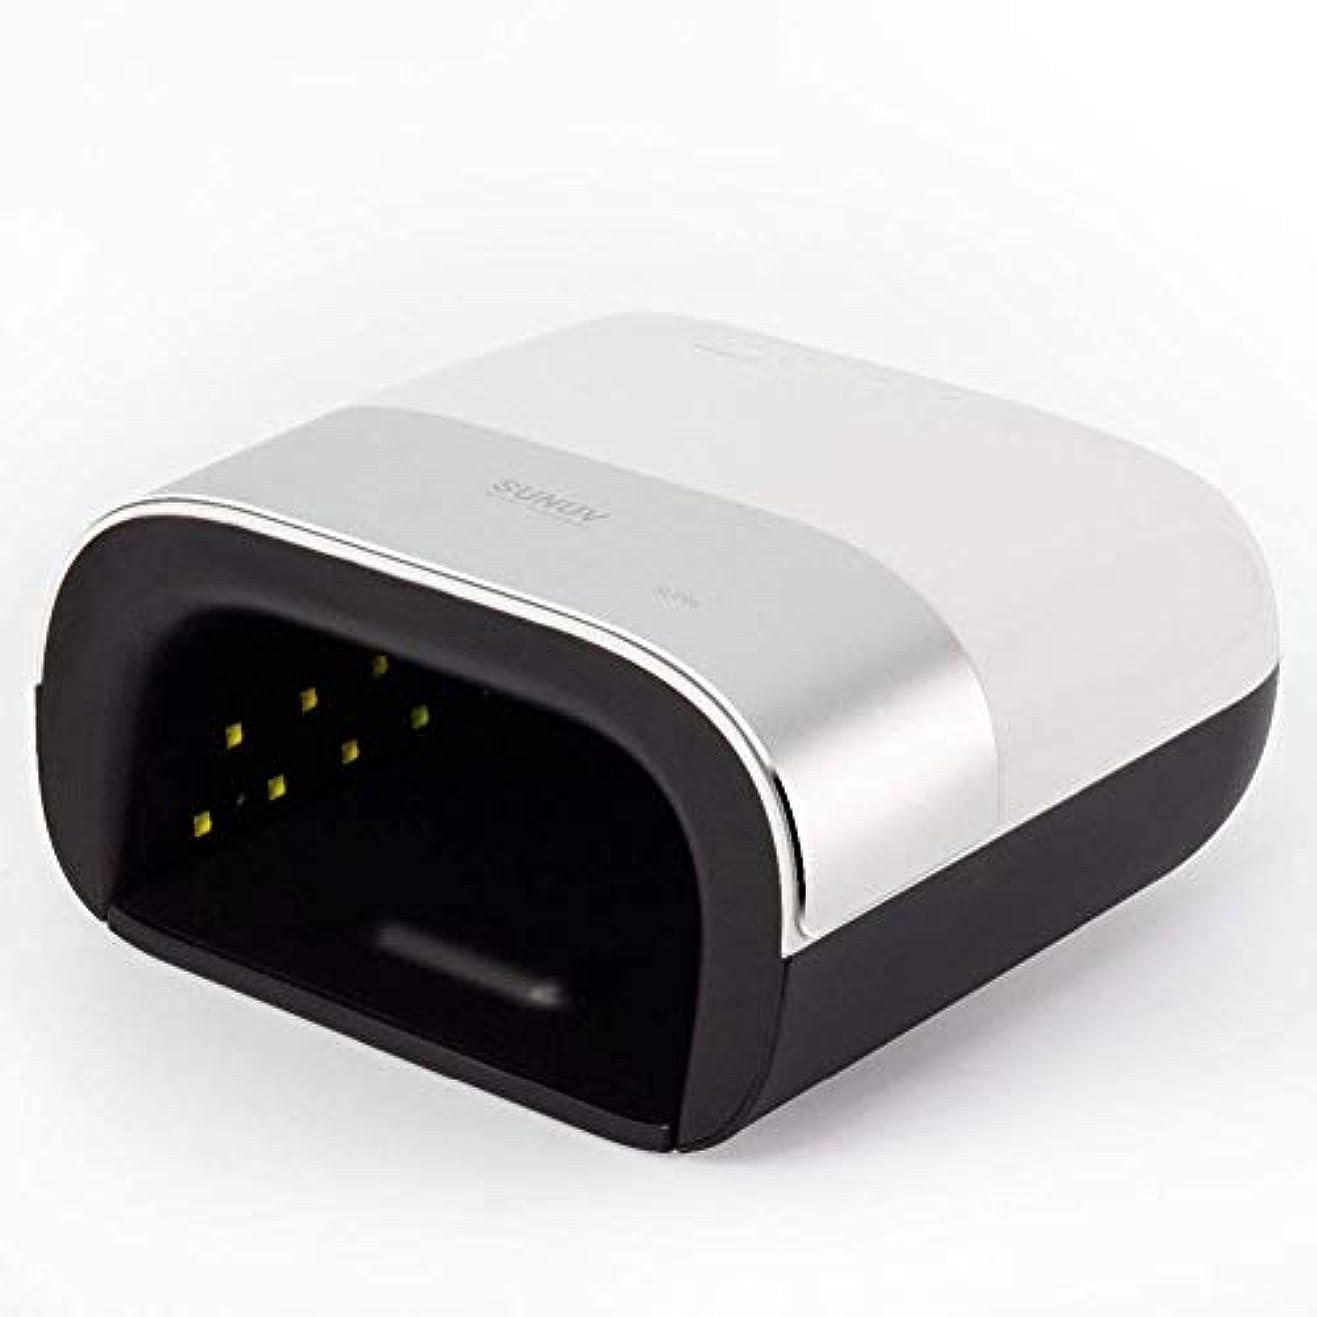 間隔王朝ソロネイルドライヤーネイルドライヤースマート2.0 48W UV LEDランプネイルスマートタイマーメモリ見えないデジタルタイマーディスプレイネイル乾燥機、画像としての色